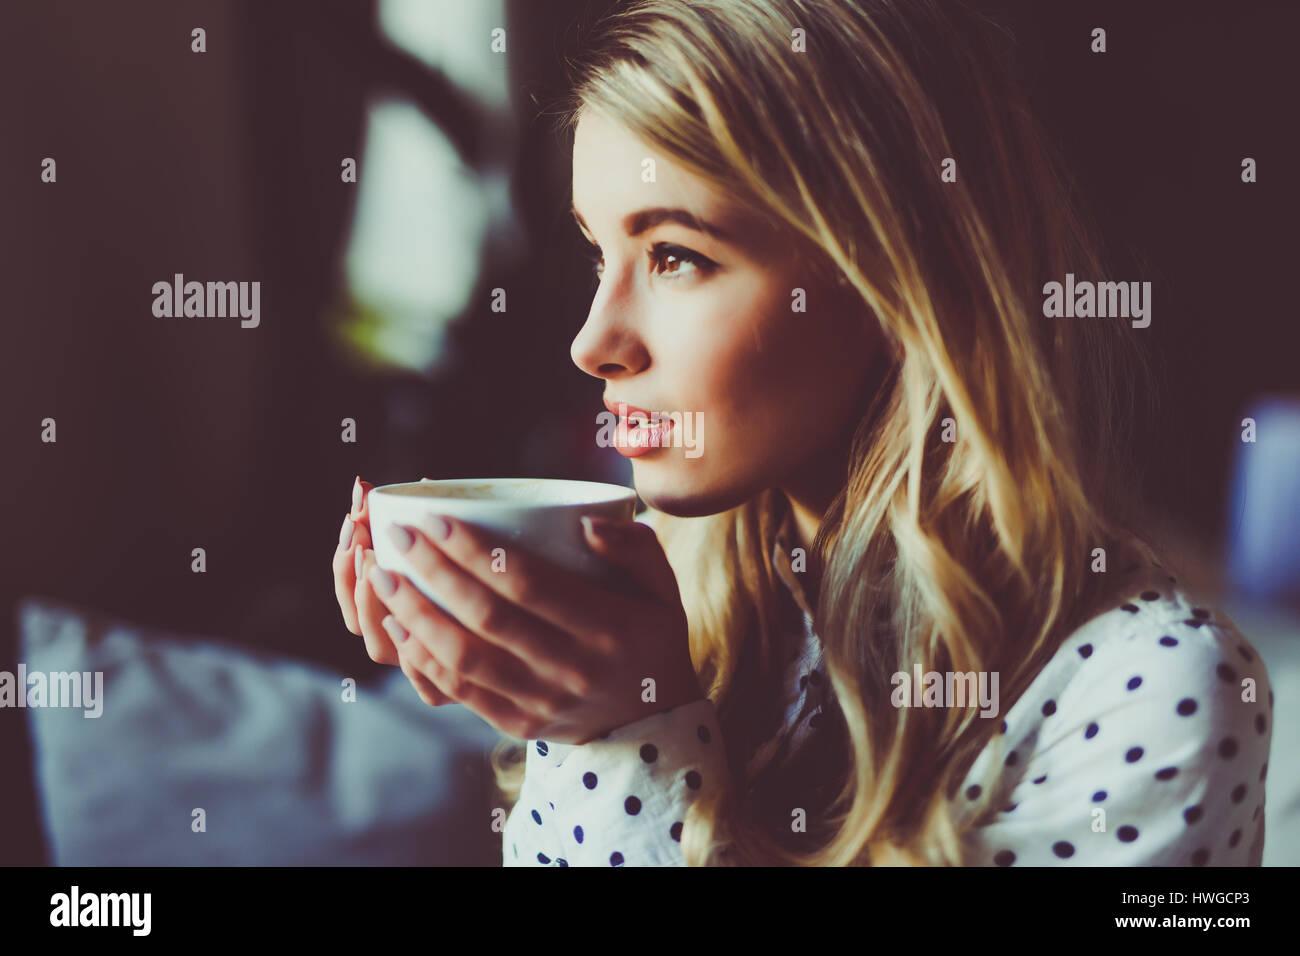 Portrait von junge, wunderschöne weibliche Teetrinken und nachdenklich aus dem Coffee-Shop-Fenster und genießen Stockbild